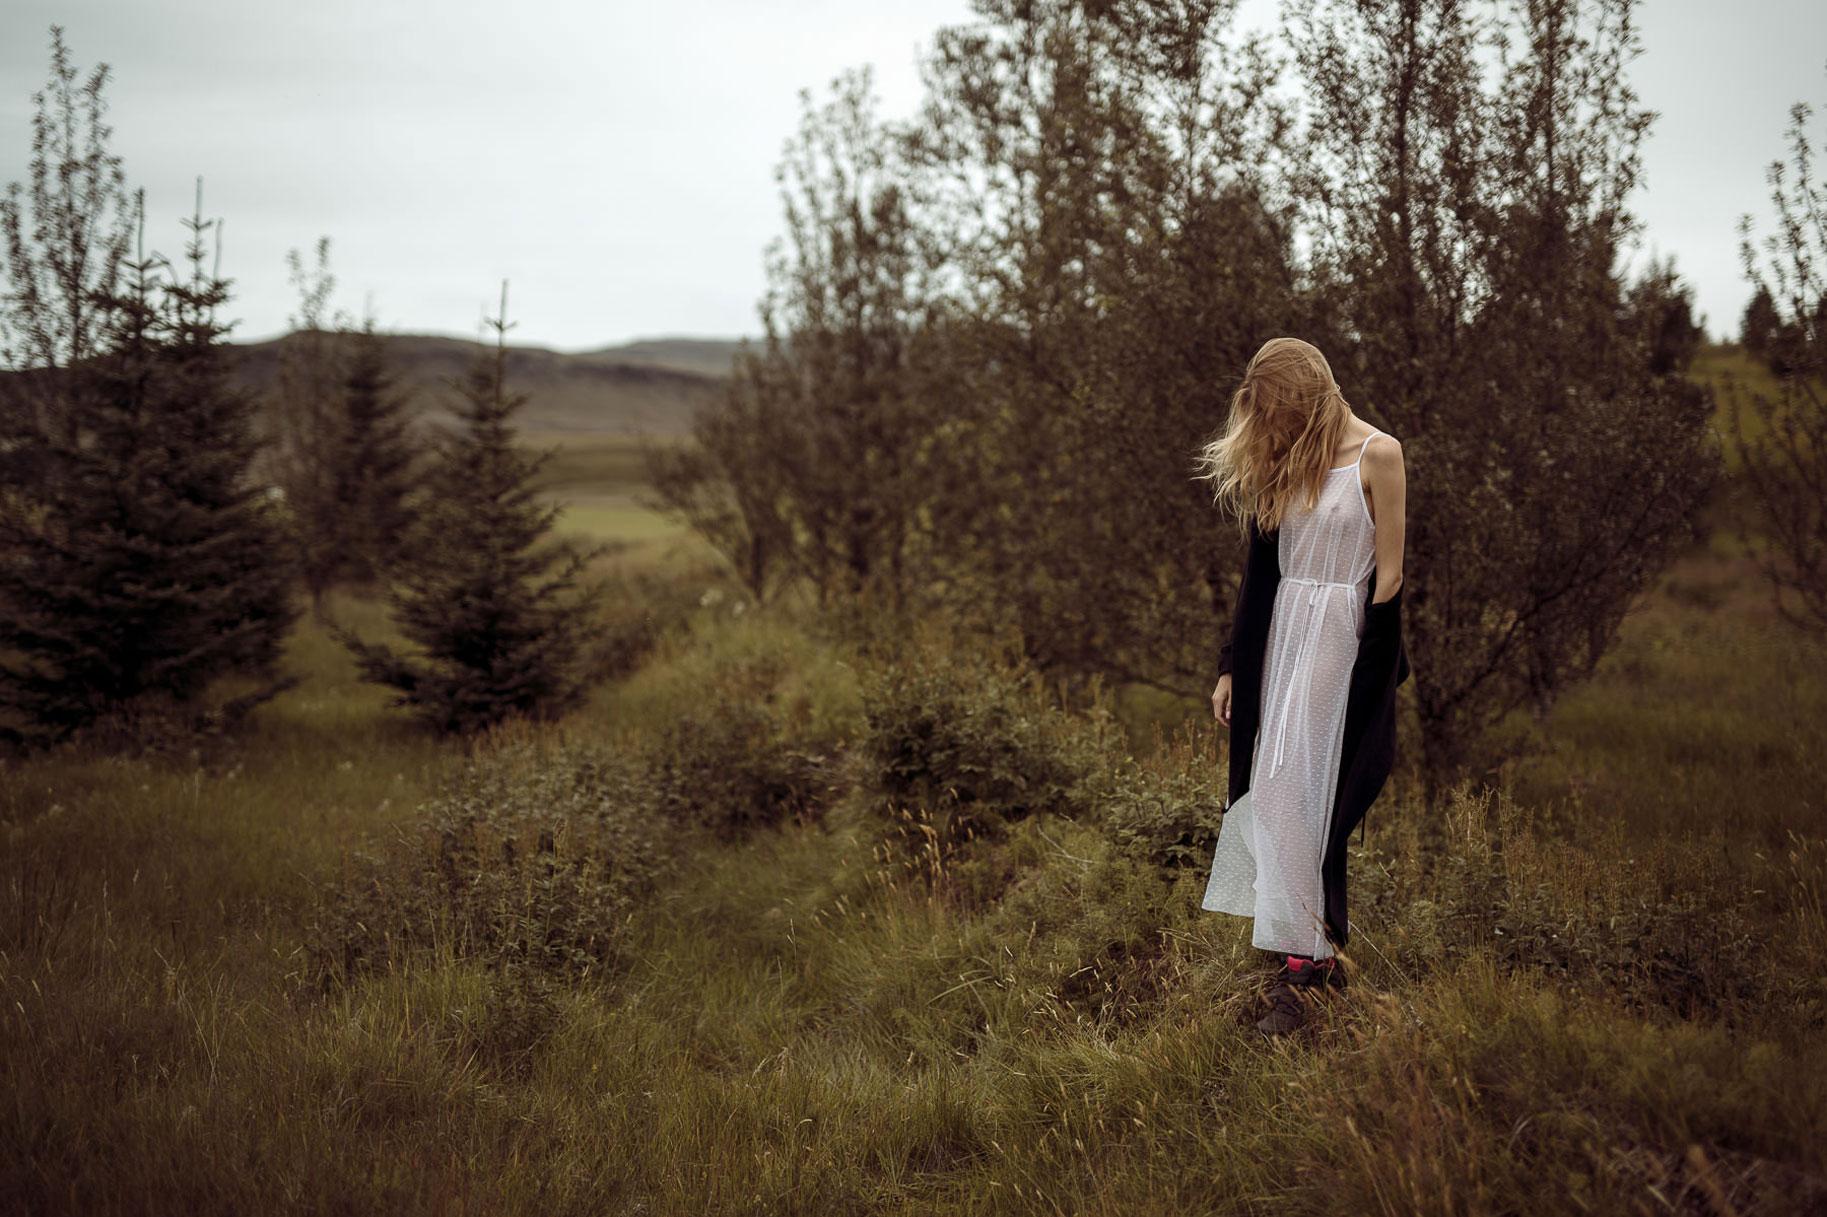 Яна Нагорняк гуляет по лесам и полям Исландии / фото 18